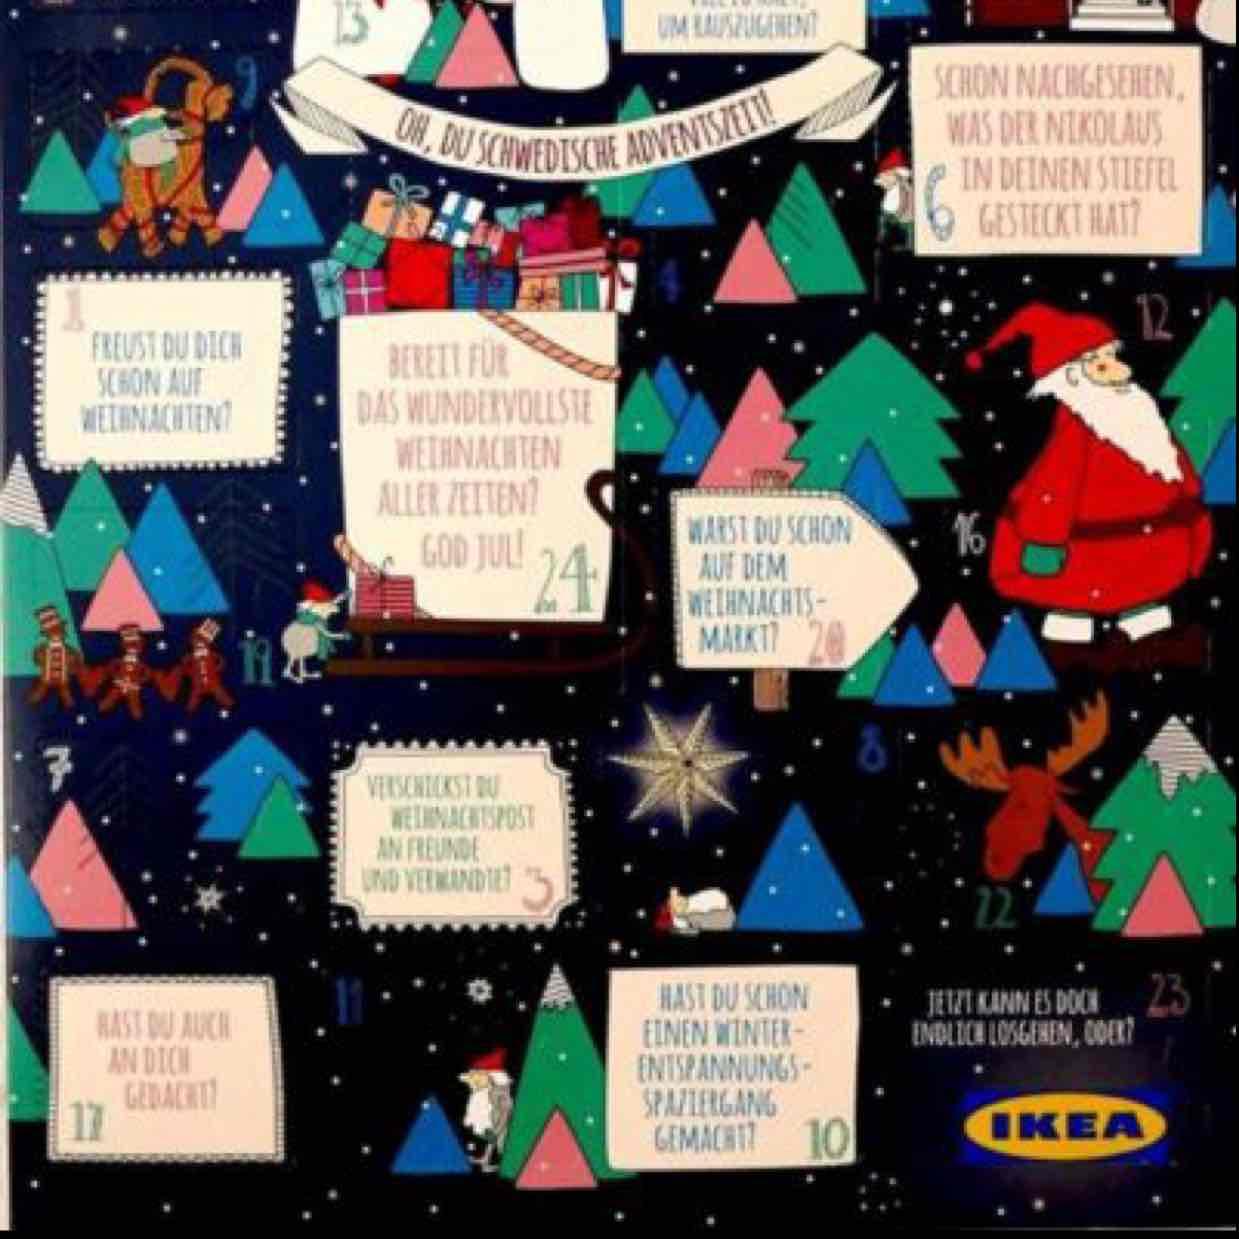 Ikea München Brunnthal Adventskalender 2 für 1